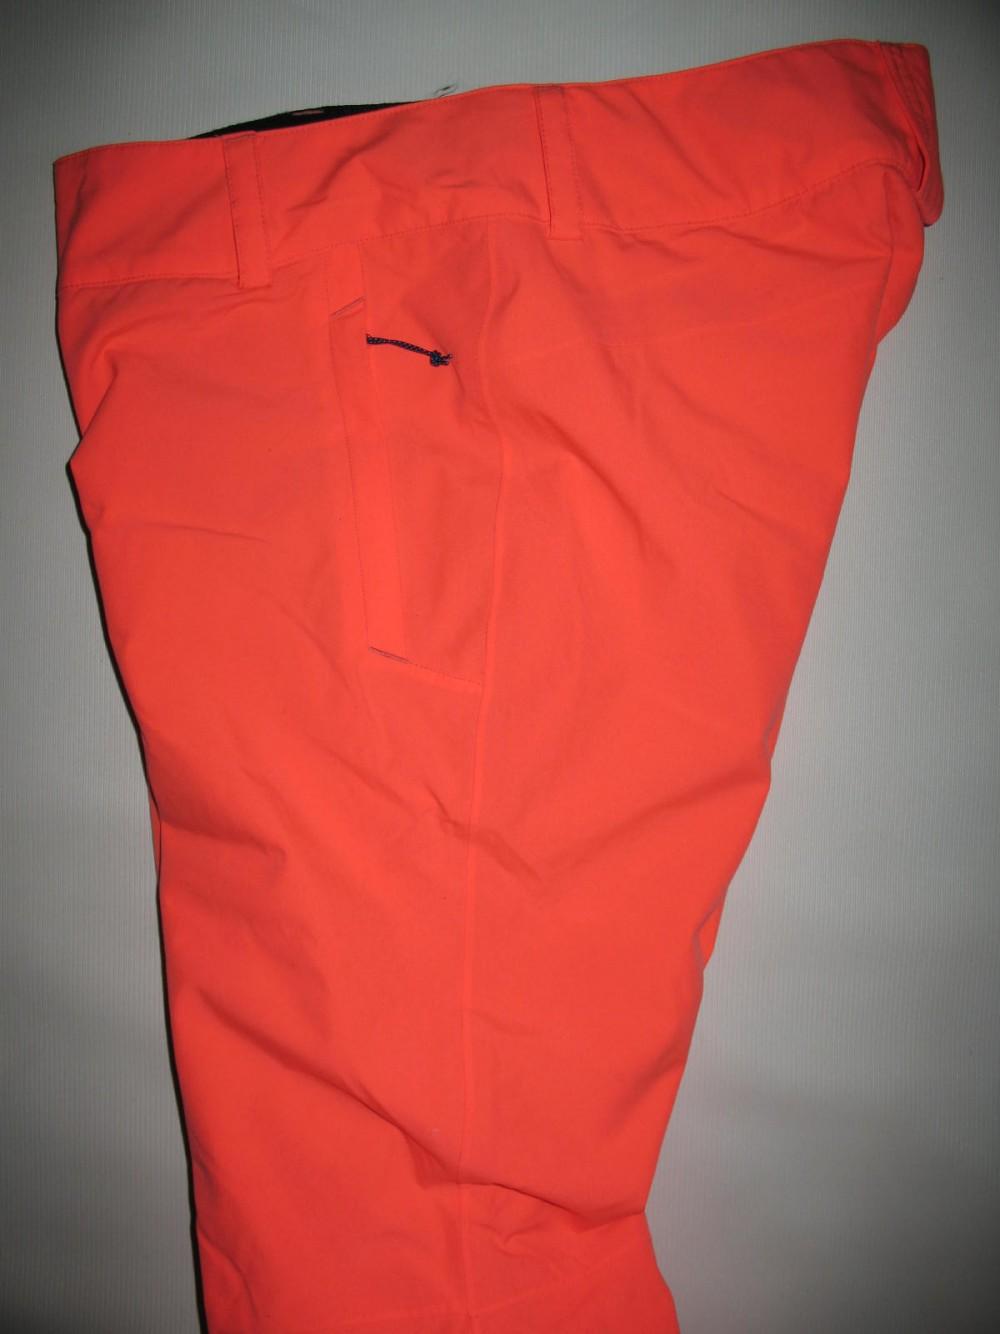 Штаны SALOMON icemania pants lady (размер M) - 5